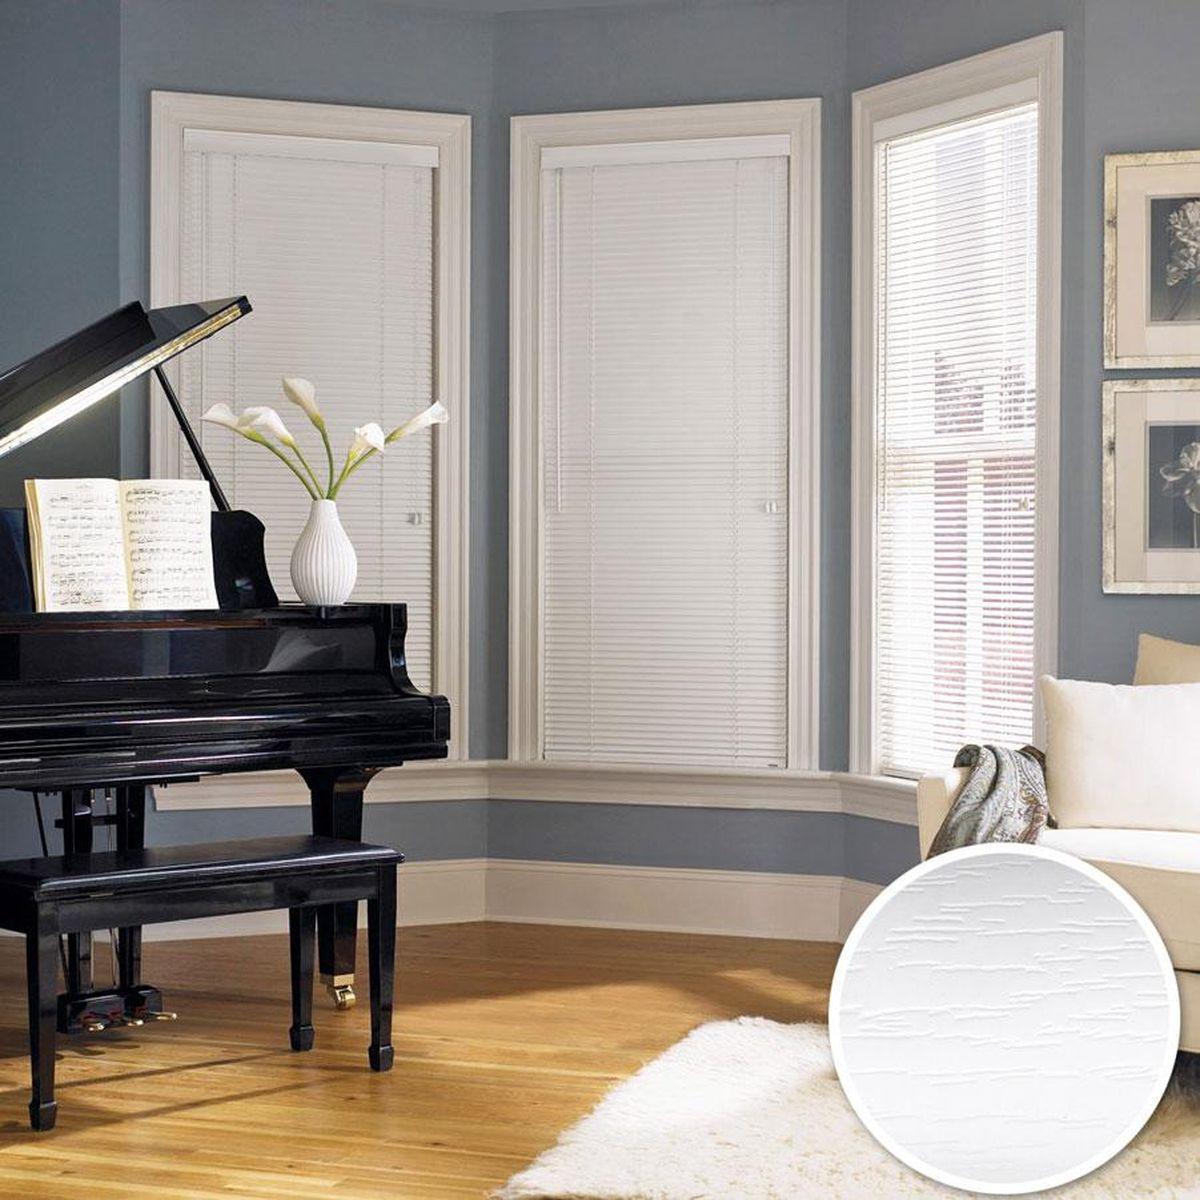 Жалюзи Эскар, цвет: белый, ширина 80 см, высота 160 см1004900000360Для того чтобы придать интерьеру изюминку и завершенность, нет ничего лучше, чем использовать жалюзи на окнах квартиры, дома или офиса. С их помощью можно подчеркнуть индивидуальный вкус, а также стилевое оформление помещения. Помимо декоративных функций, жалюзи выполняют и практические задачи: они защищают от излишнего солнечного света, не дают помещению нагреваться, а также создают уют в темное время суток.Пластиковые жалюзи - самое универсальное и недорогое решение для любого помещения. Купить их может каждый, а широкий выбор размеров под самые популярные габариты сделает покупку простой и удобной. Пластиковые жалюзи имеют высокие эксплуатационные характеристики - они гигиеничны, что делает их незаменимыми при монтаже в детских и медицинских учреждениях.